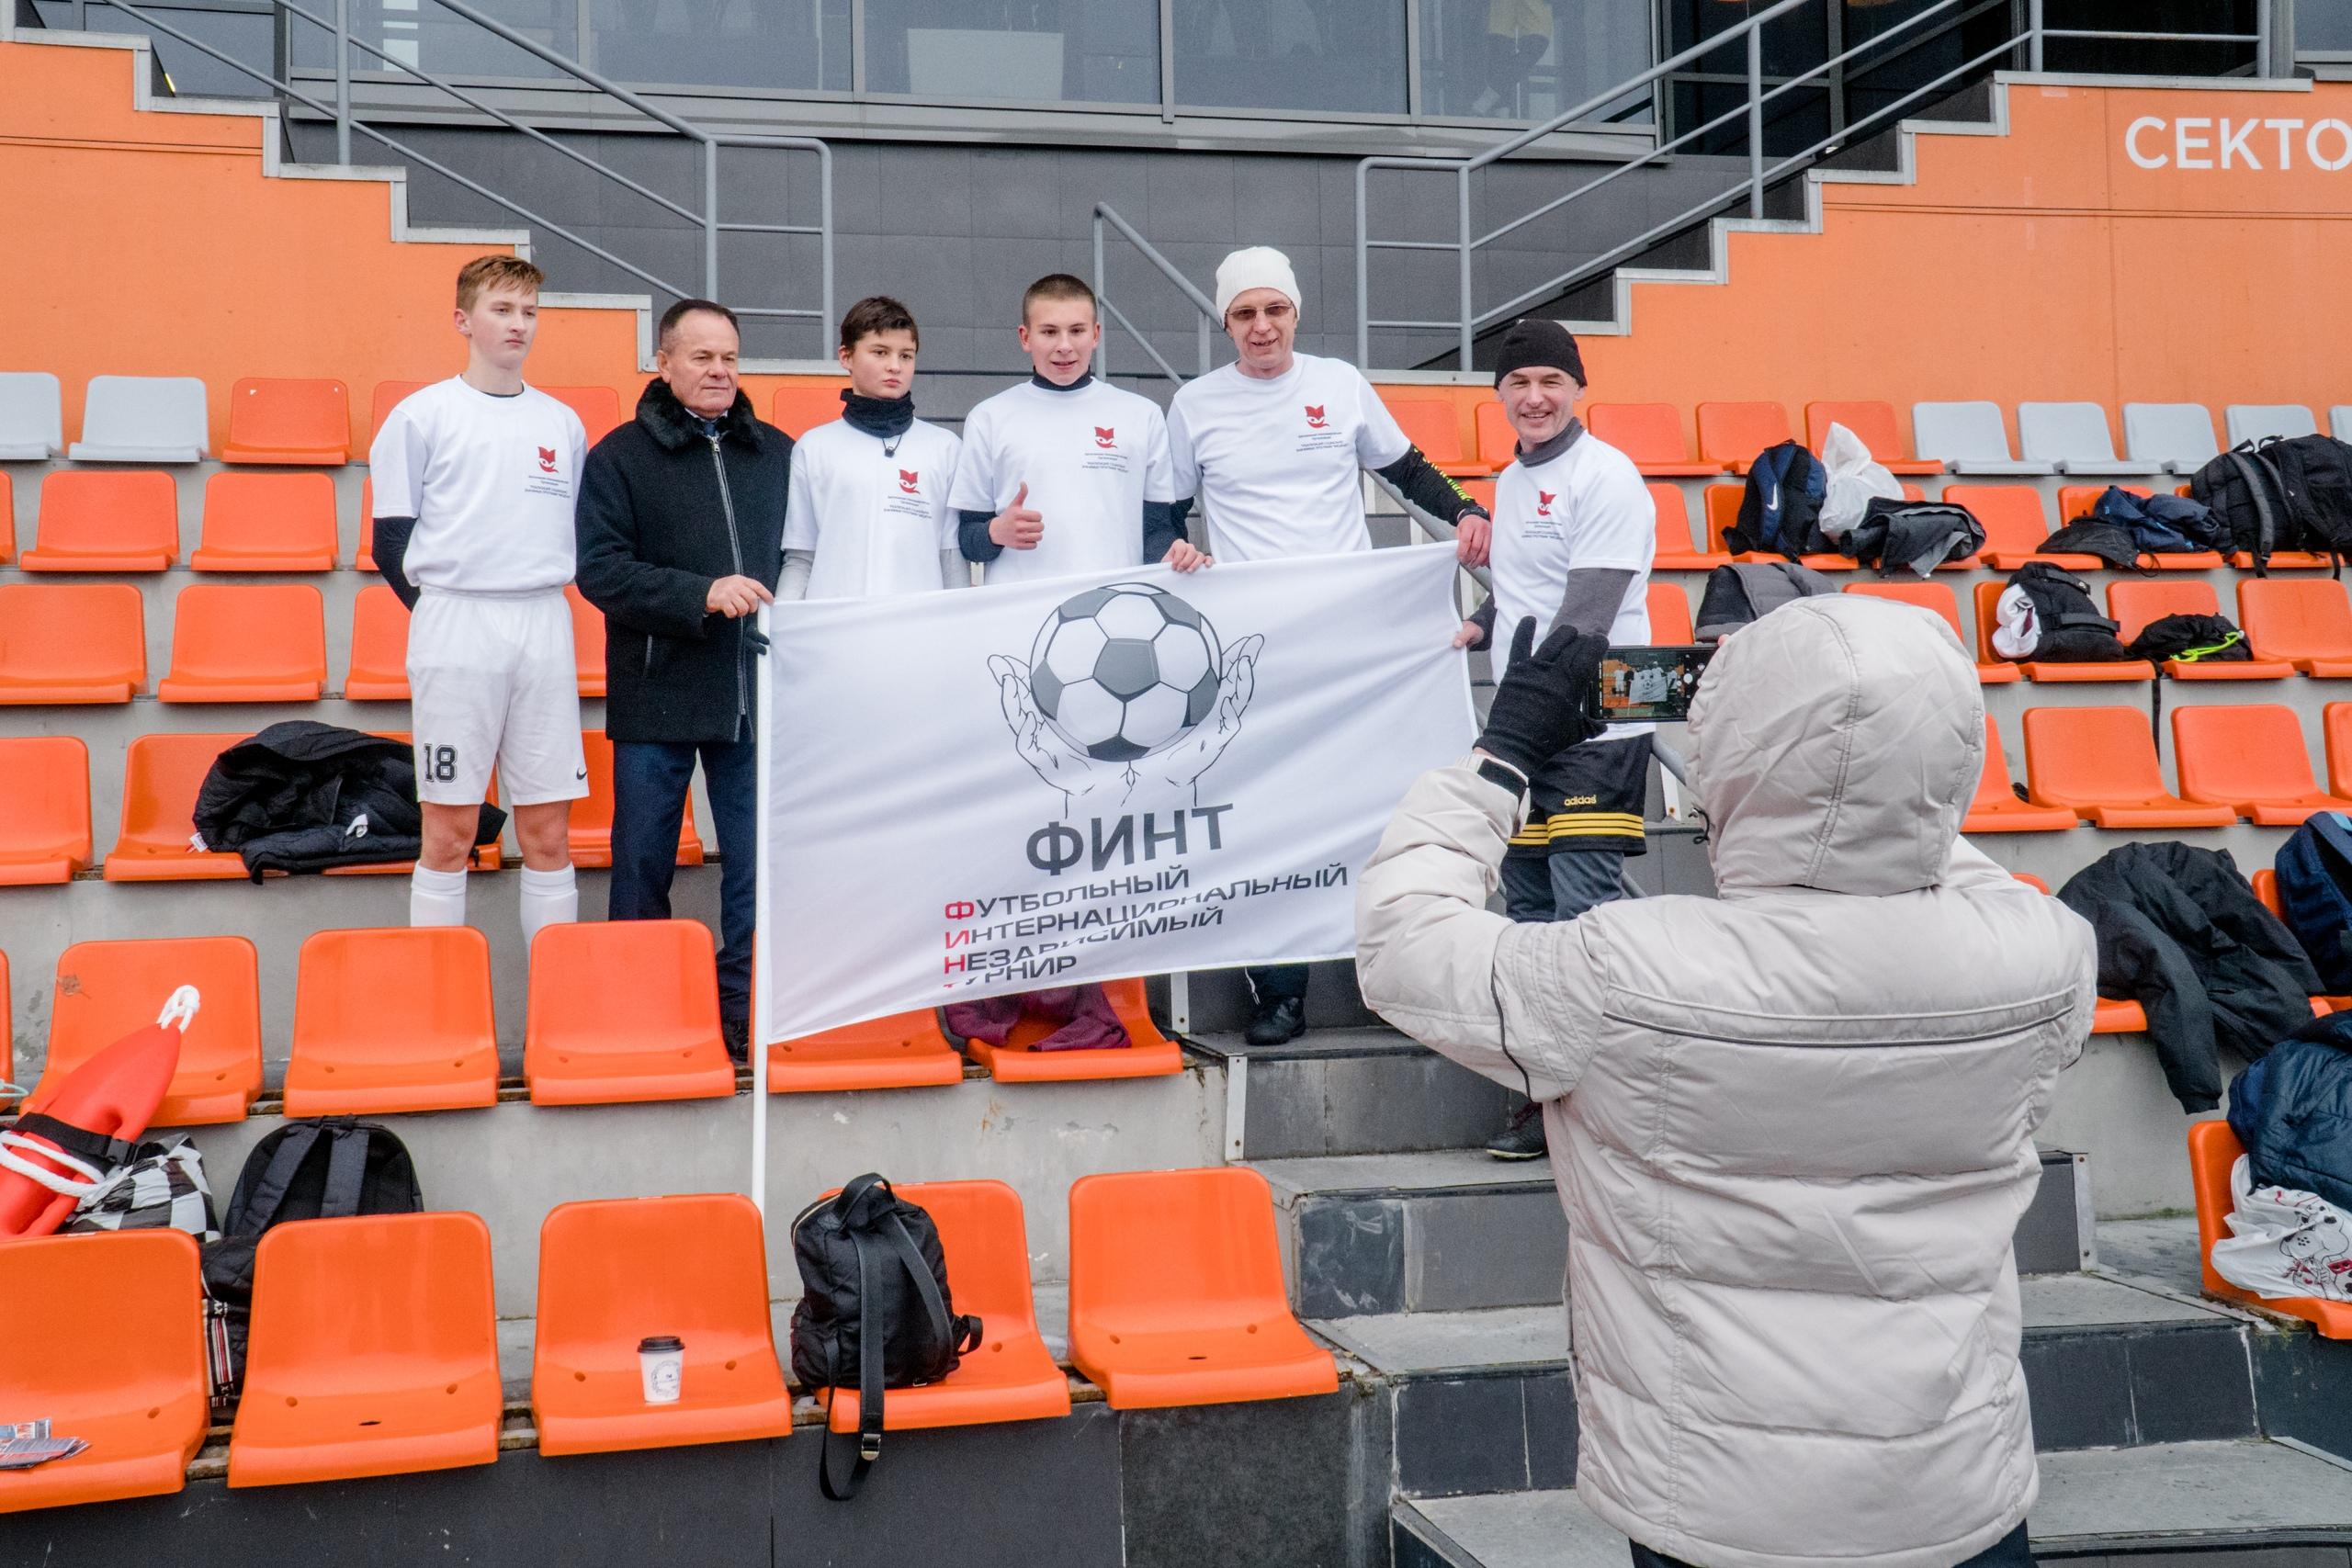 Футбольный интернациональный независимый турнир 2019